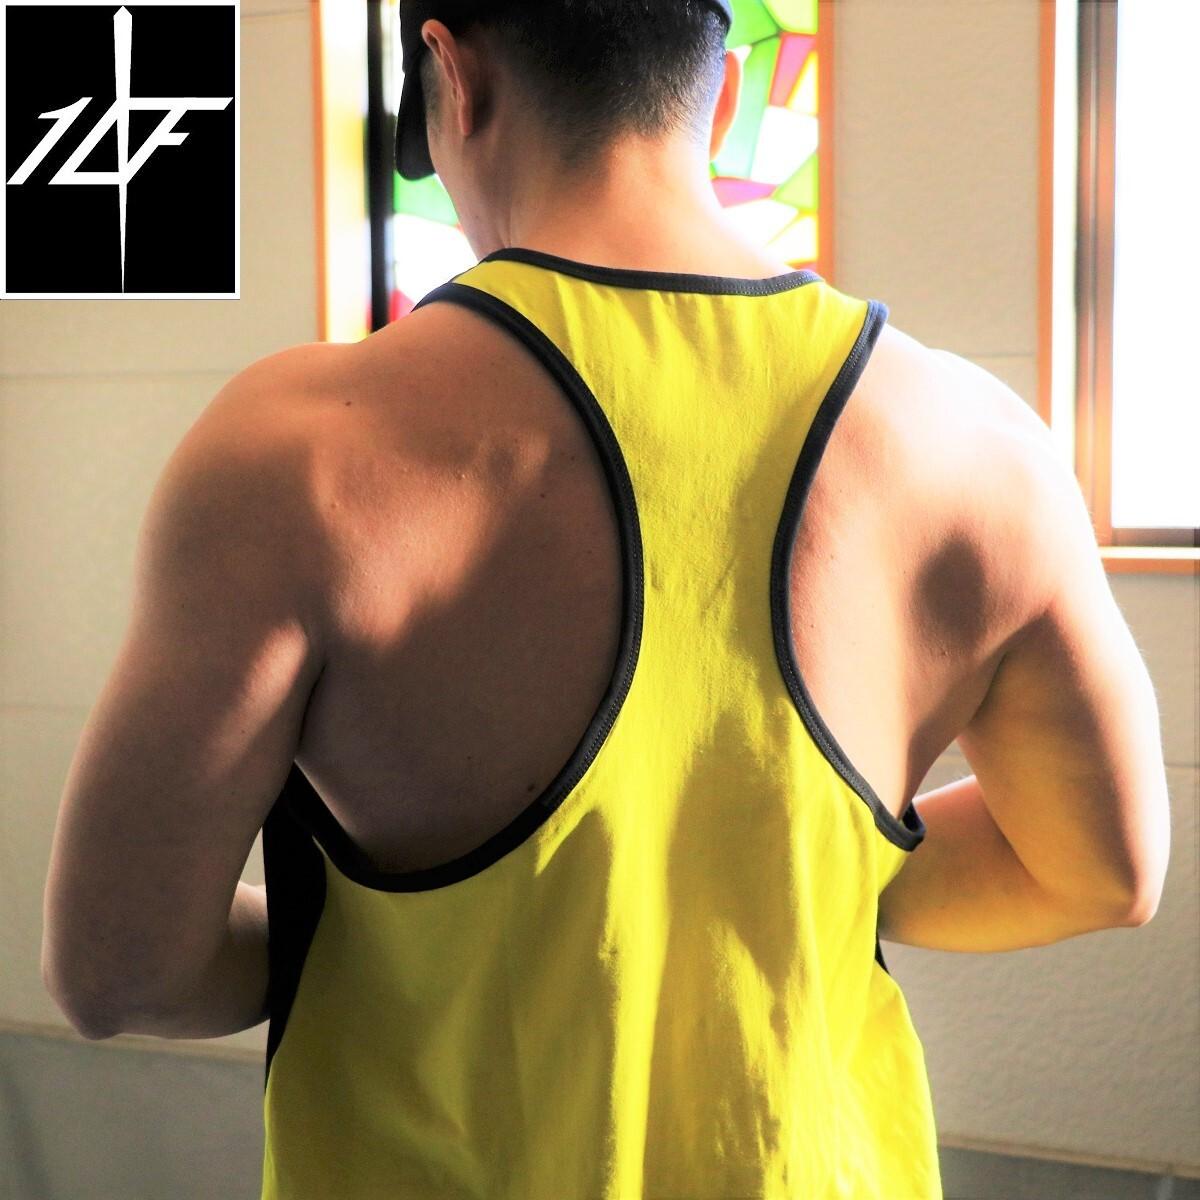 10FIT タンクトップ トレーニング 筋トレ ボディビル メンズ TT-13 黒黄